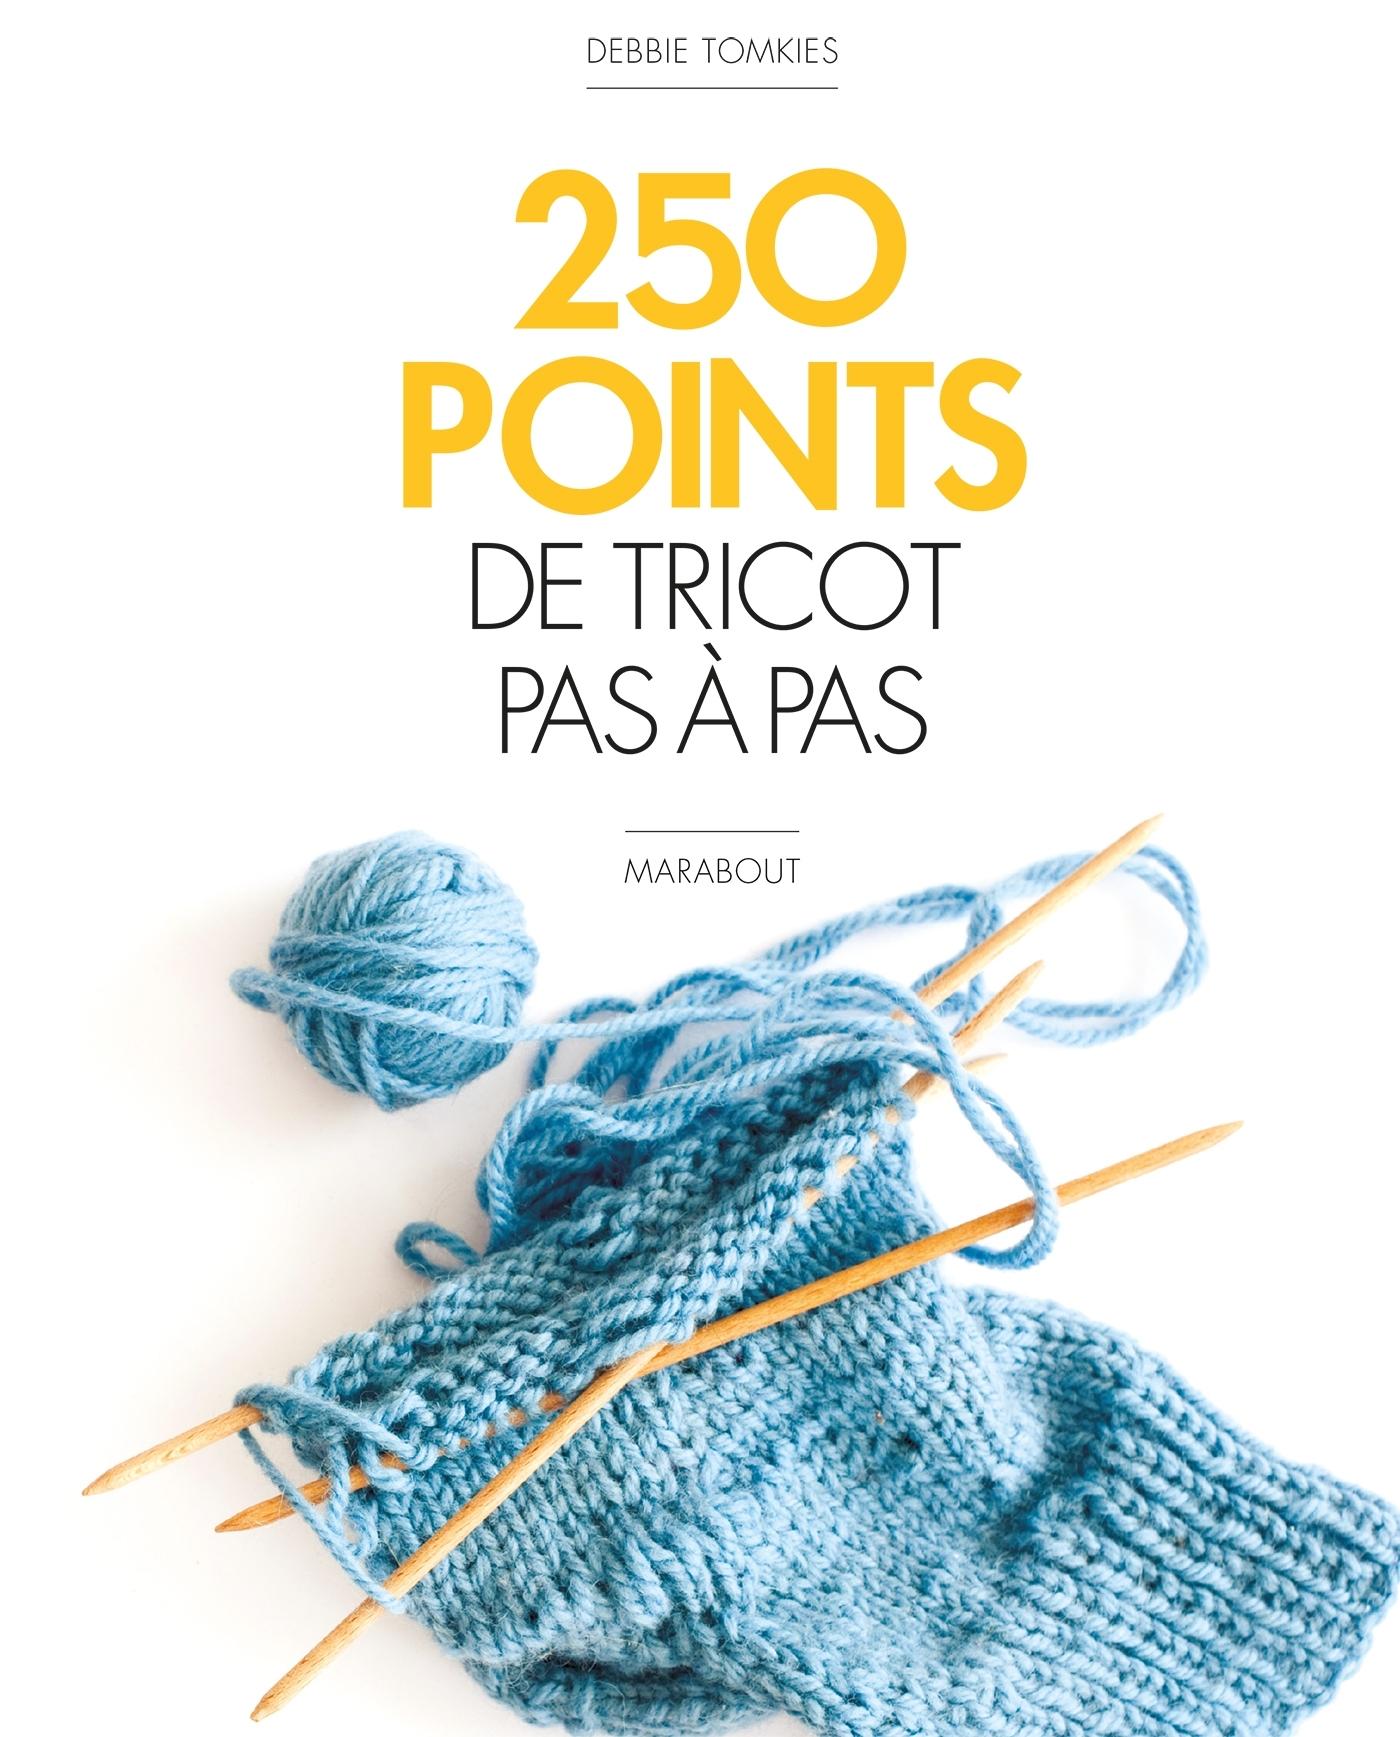 250 POINTS DE TRICOT PAS A PAS